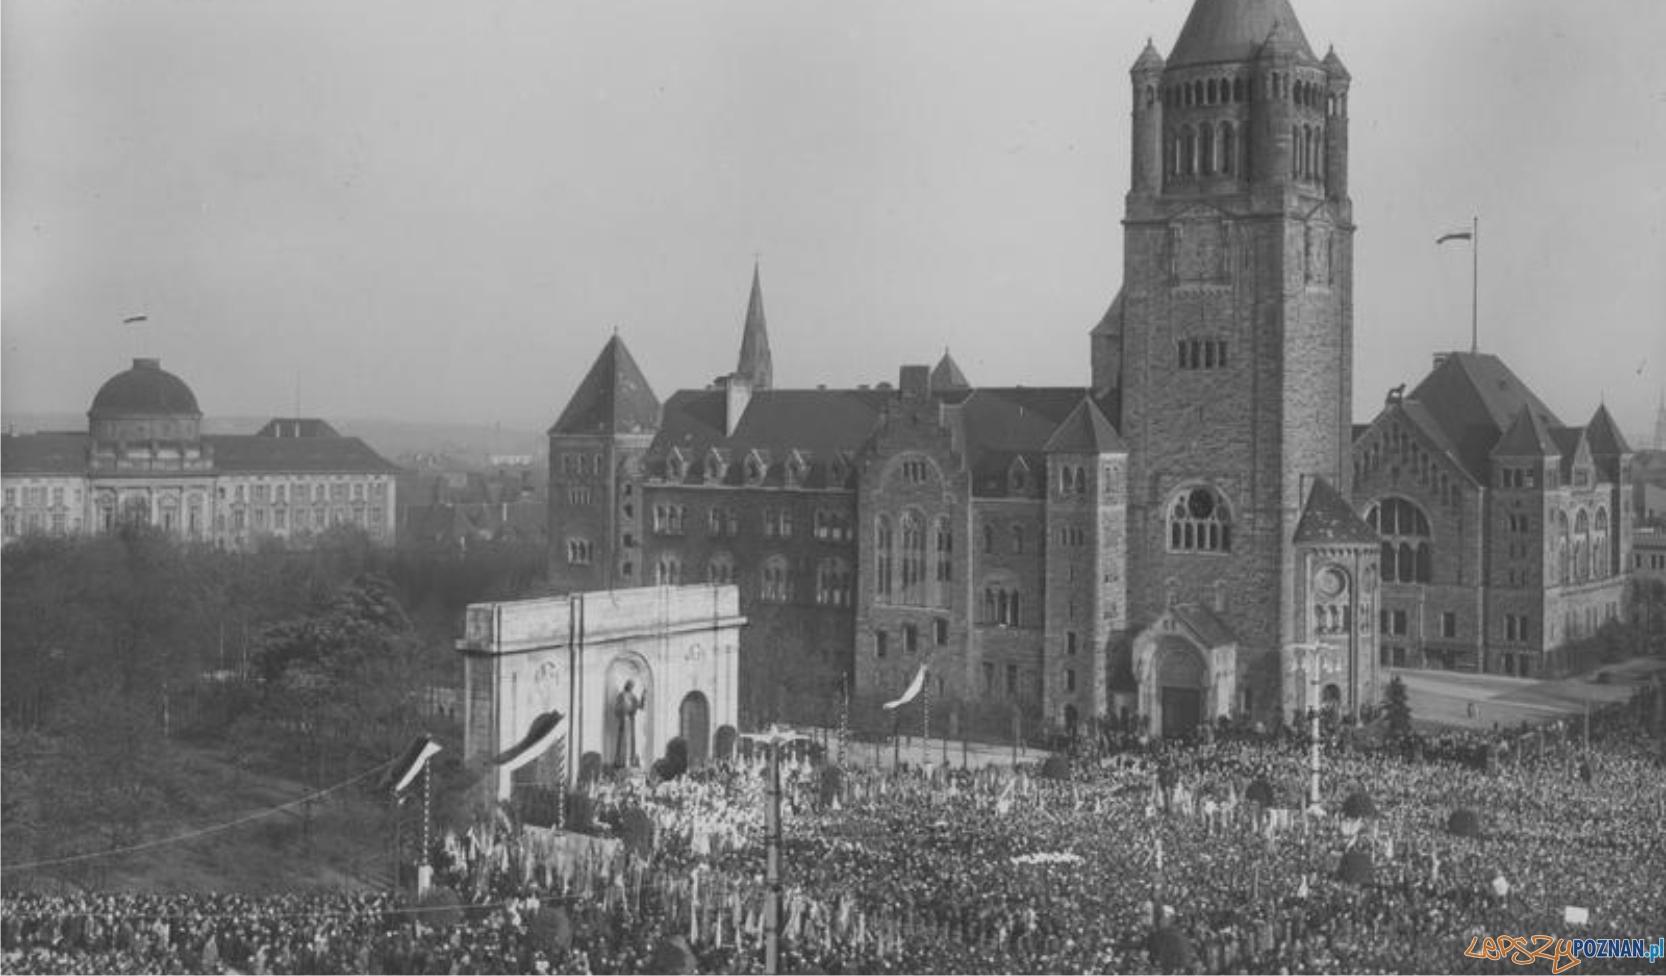 Bez Kościoła nie byłoby sukcesu Powstania Wielkopolskiego Ods%C5%82oni%C4%99cie w Poznaniu monumentalnego pomnika Wdzi%C4%99czno%C5%9Bci Serca Jezusowego 2